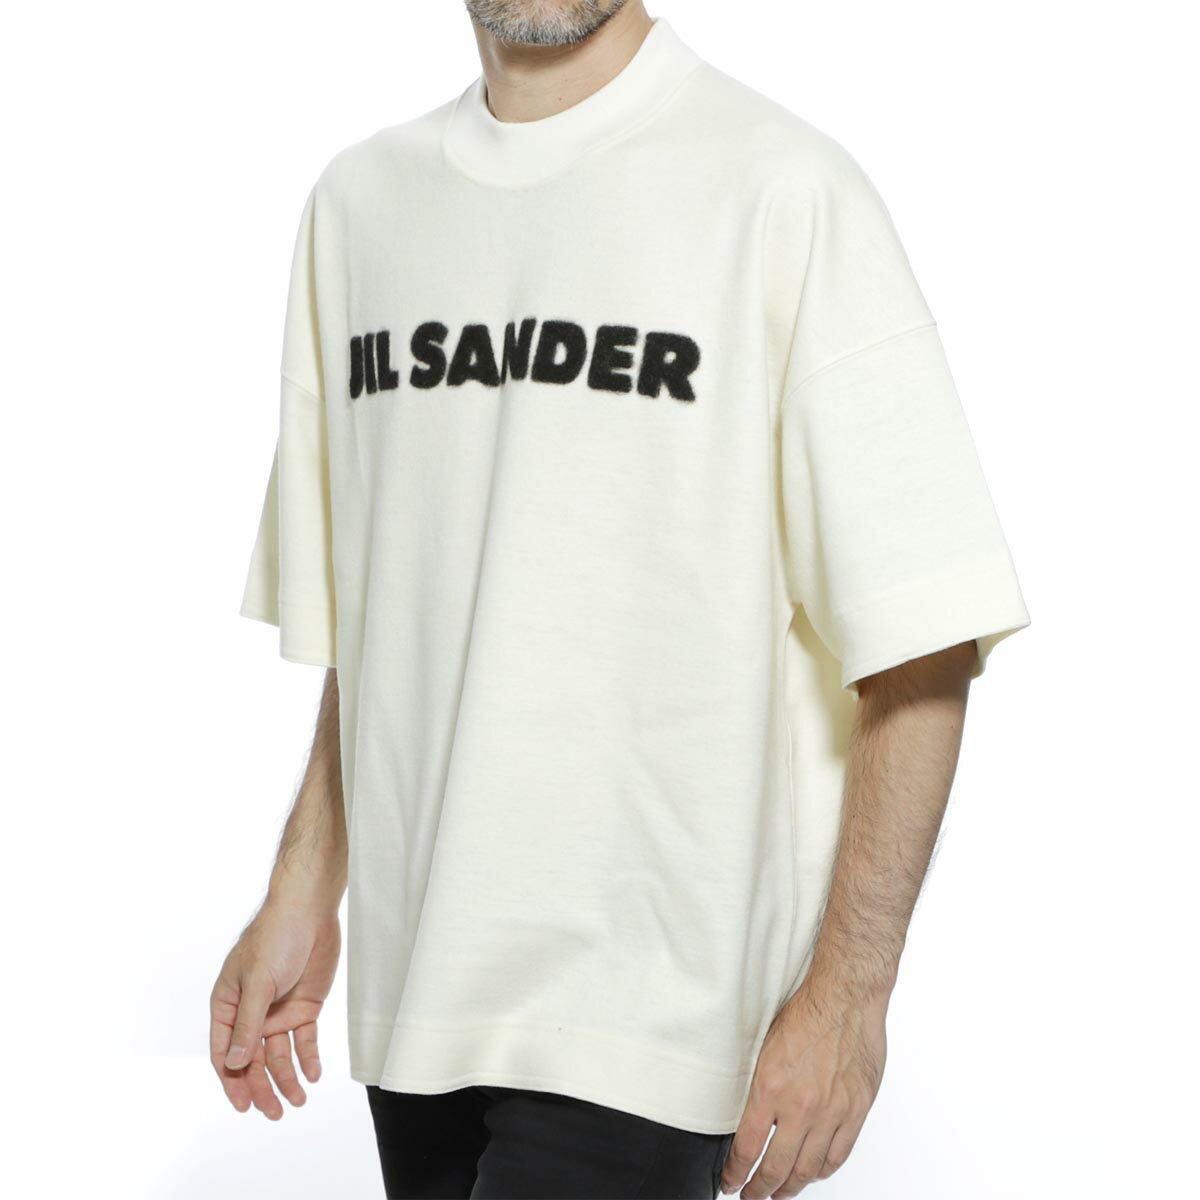 トップス, Tシャツ・カットソー  JIL SANDER T jsmp707035 mp207308 105 T-SHIRT CN SS